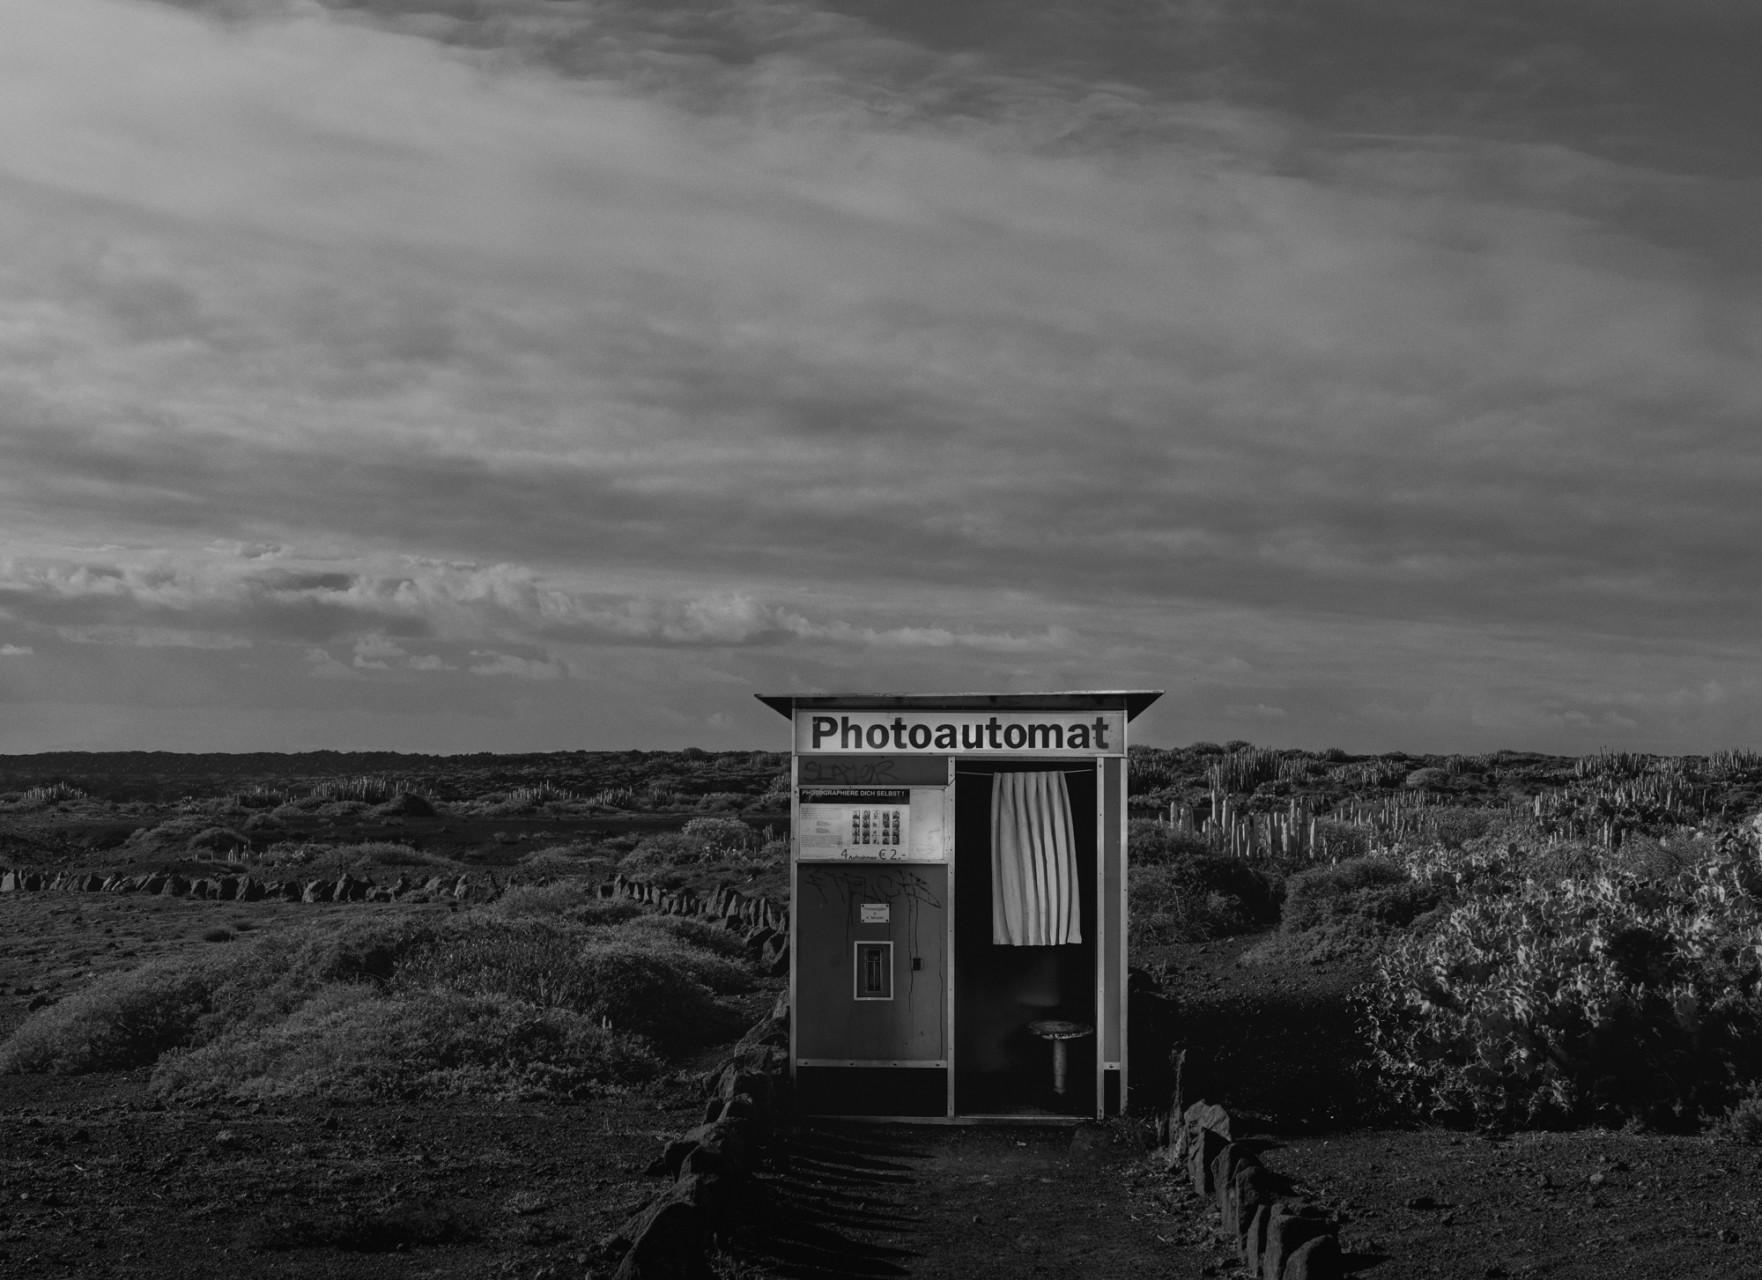 photoautomat-JUANMI-MARQUEZ